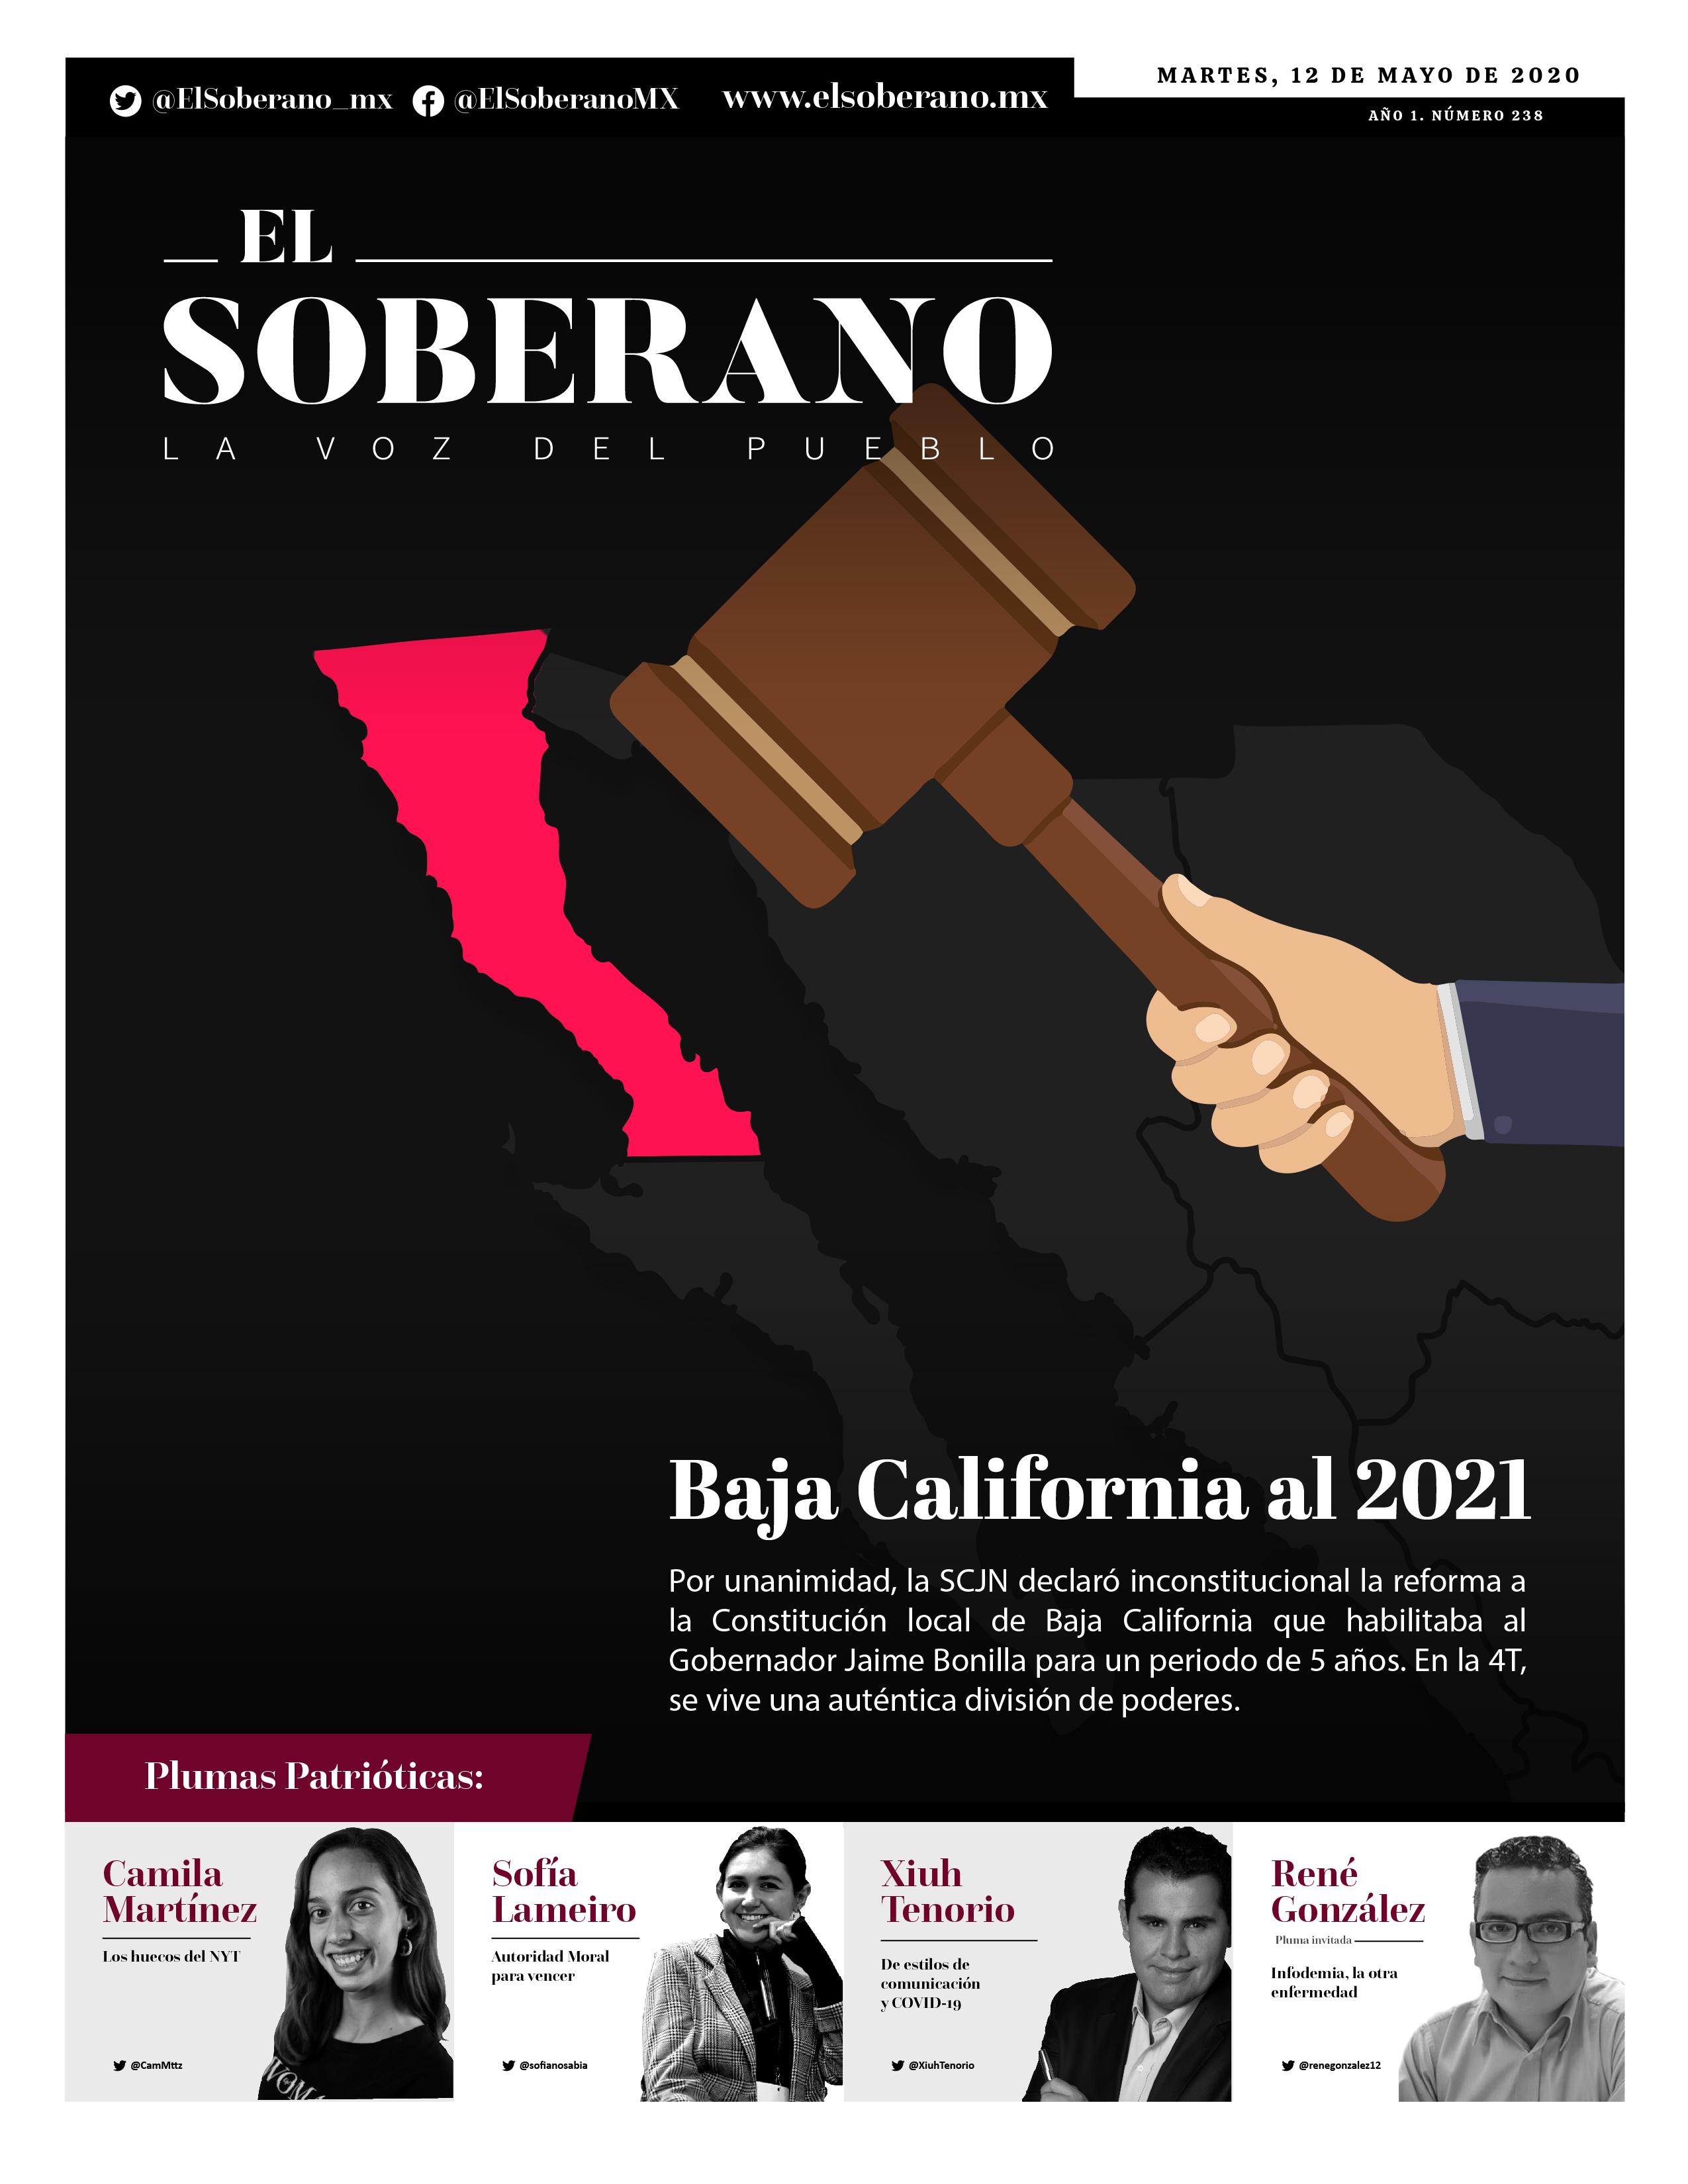 Baja California al 2021